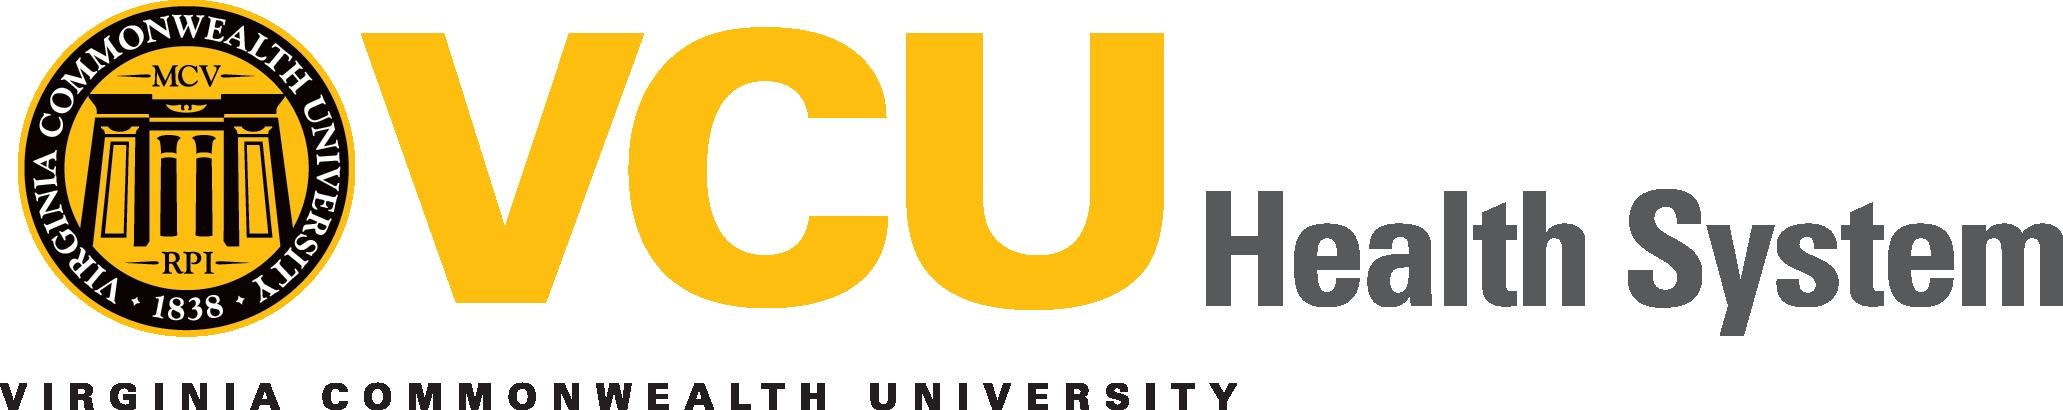 VCU Health System logo